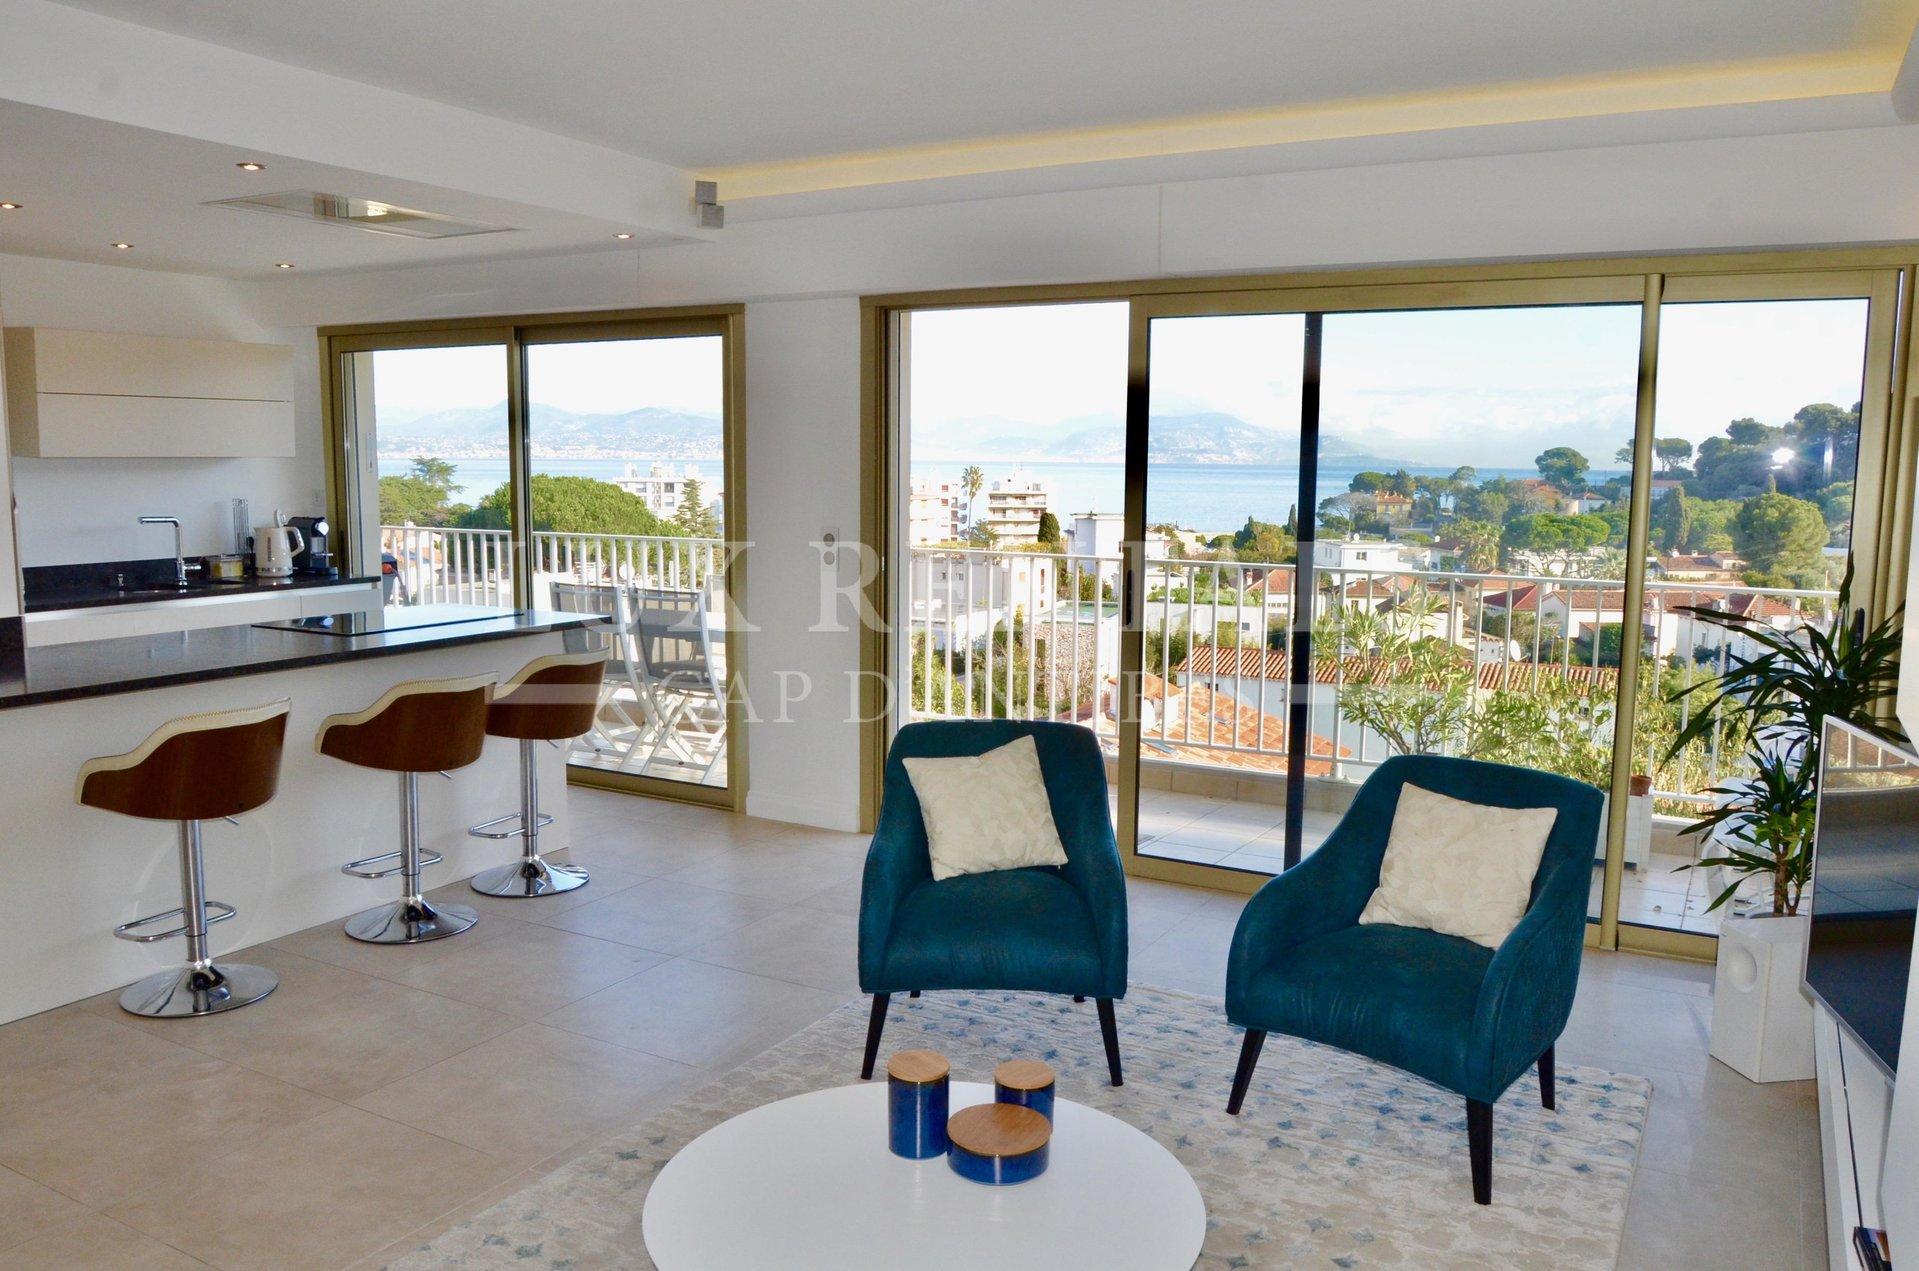 Location saisonnière Appartement - Cap d'Antibes